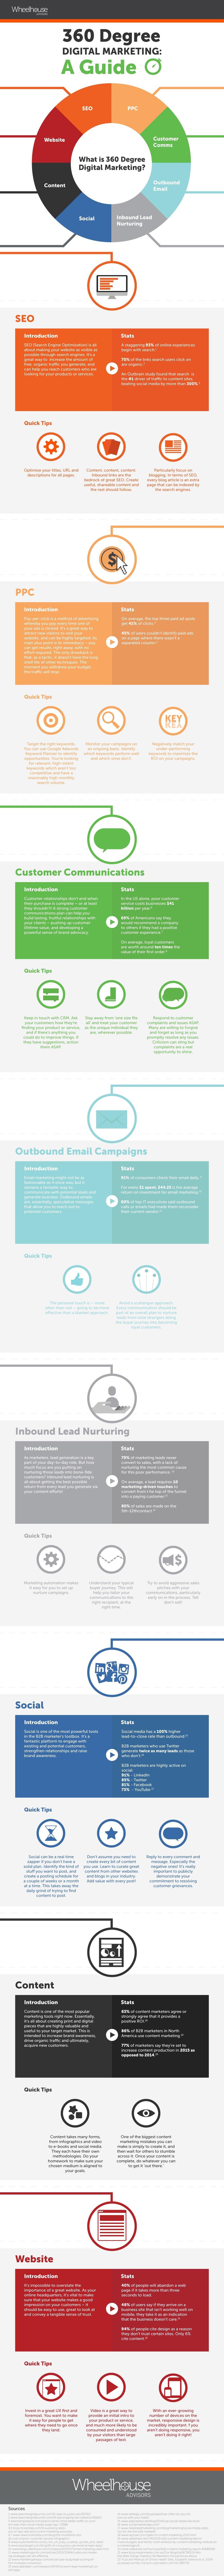 Infografía Marketing Digital 360